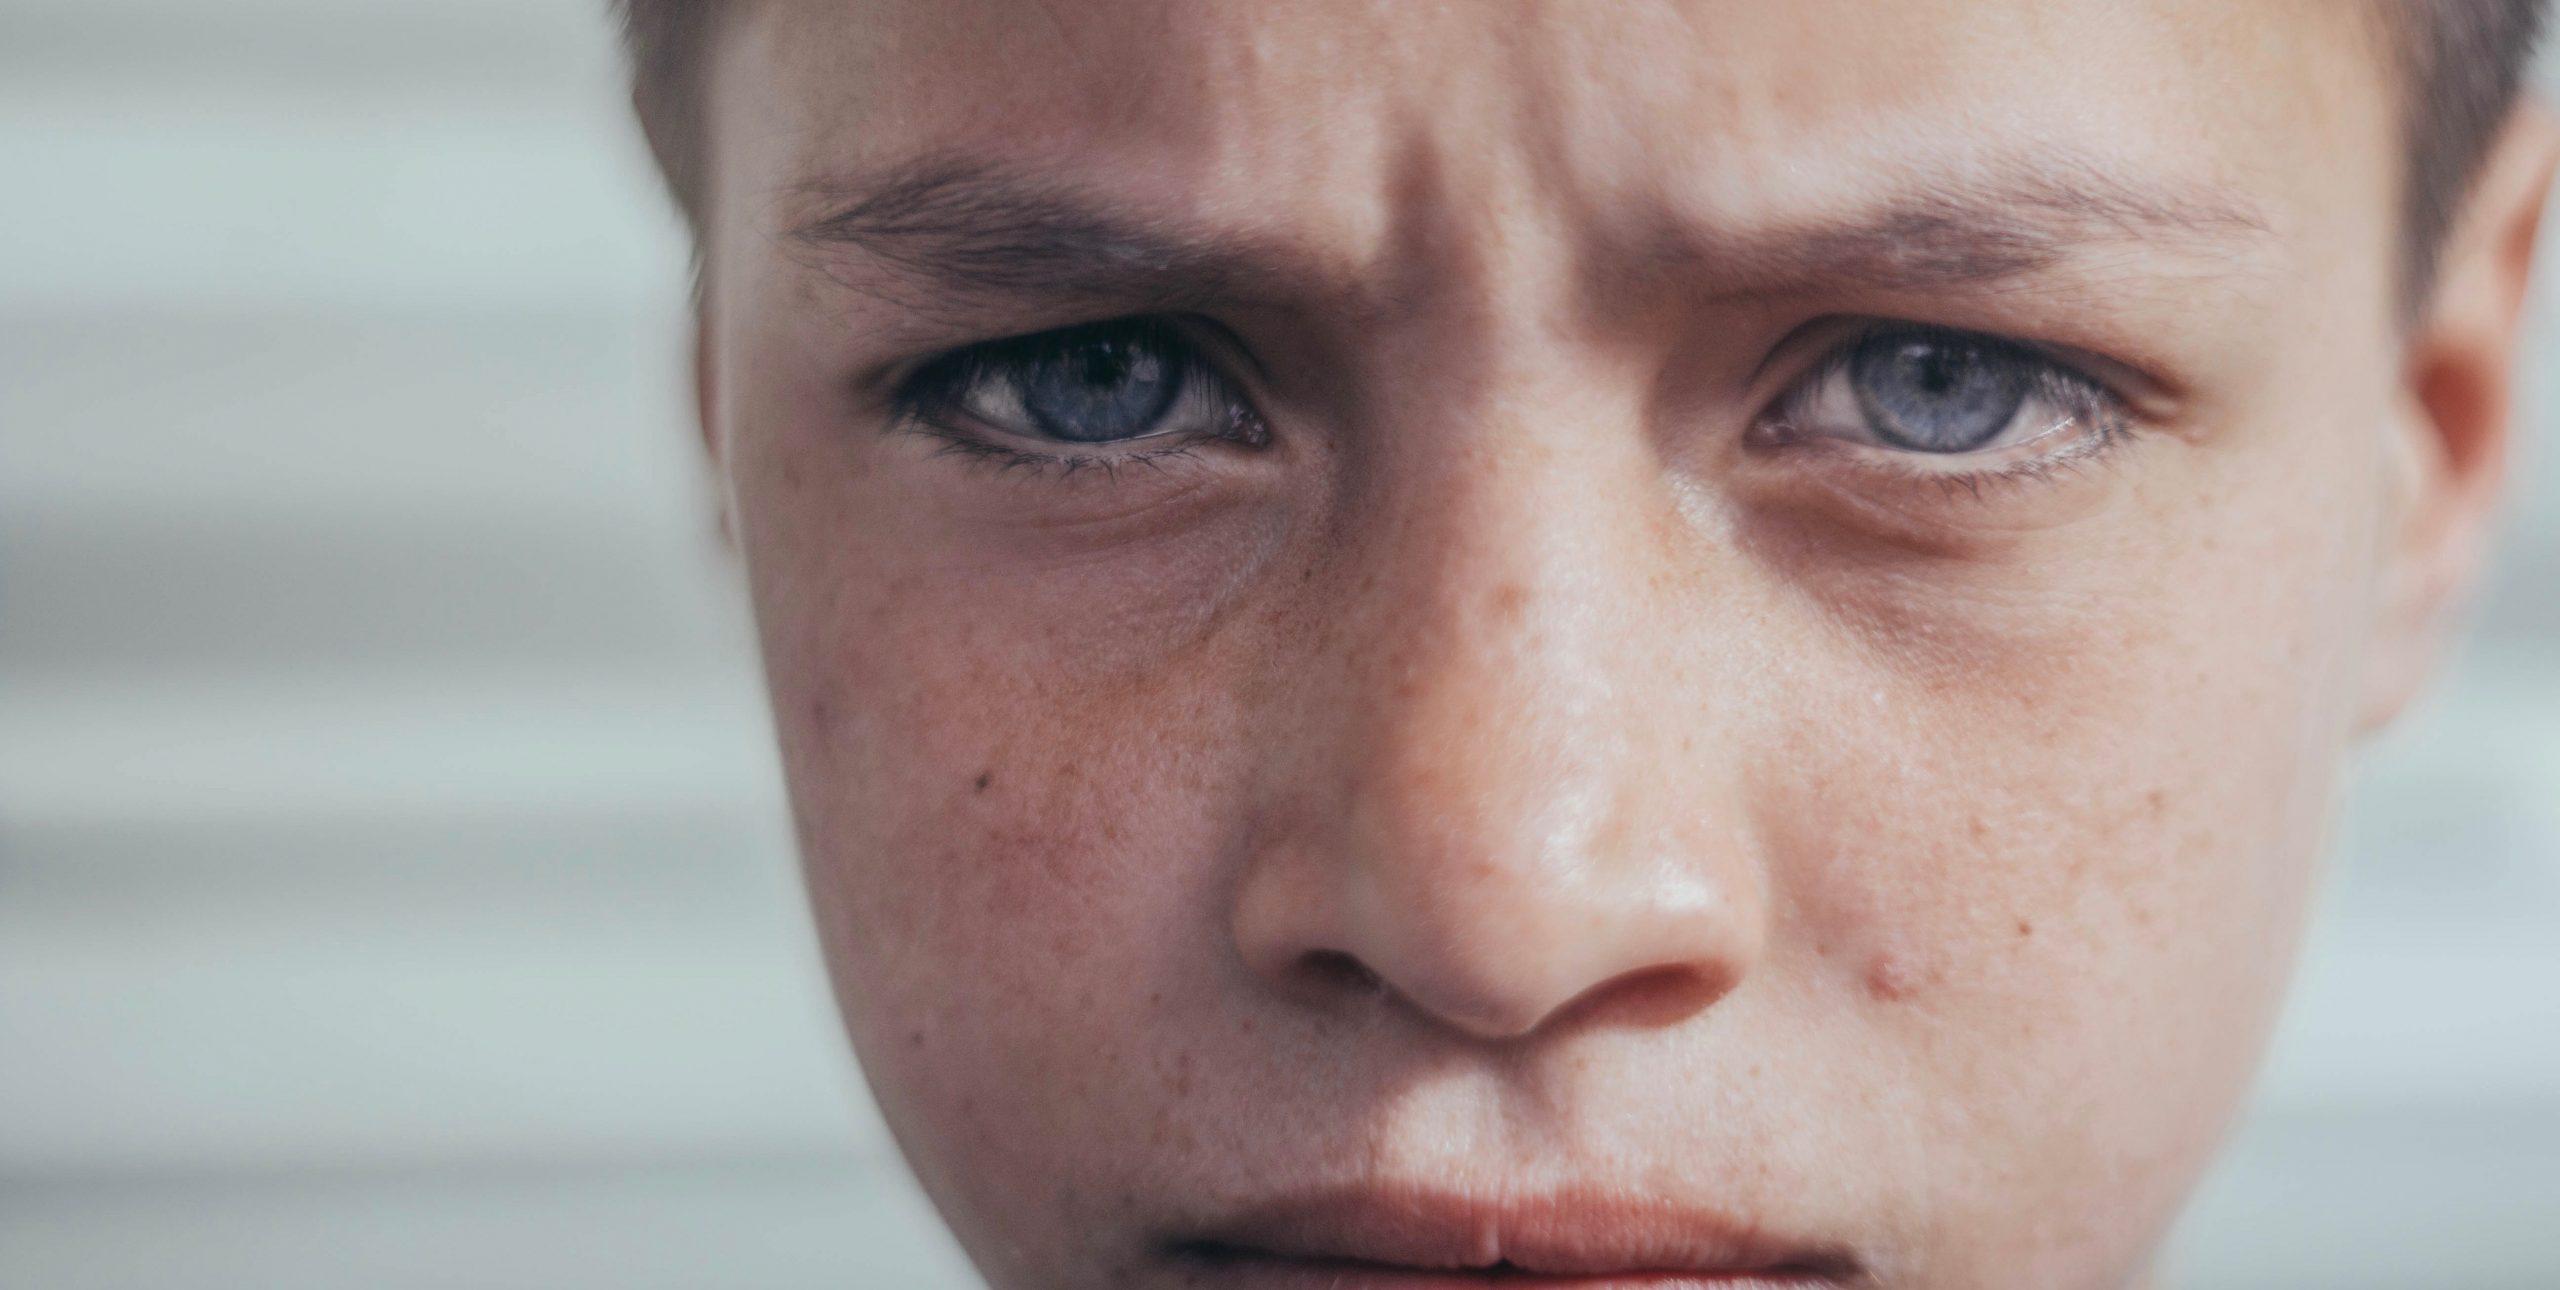 Psicología para la mujer |bullying, acoso escolar soluciones, bullying escolar, acoso escolar que hacer, como acabar con el bullying, como combatir el bullying, como tratar el bullying, que hacer contra el bullying